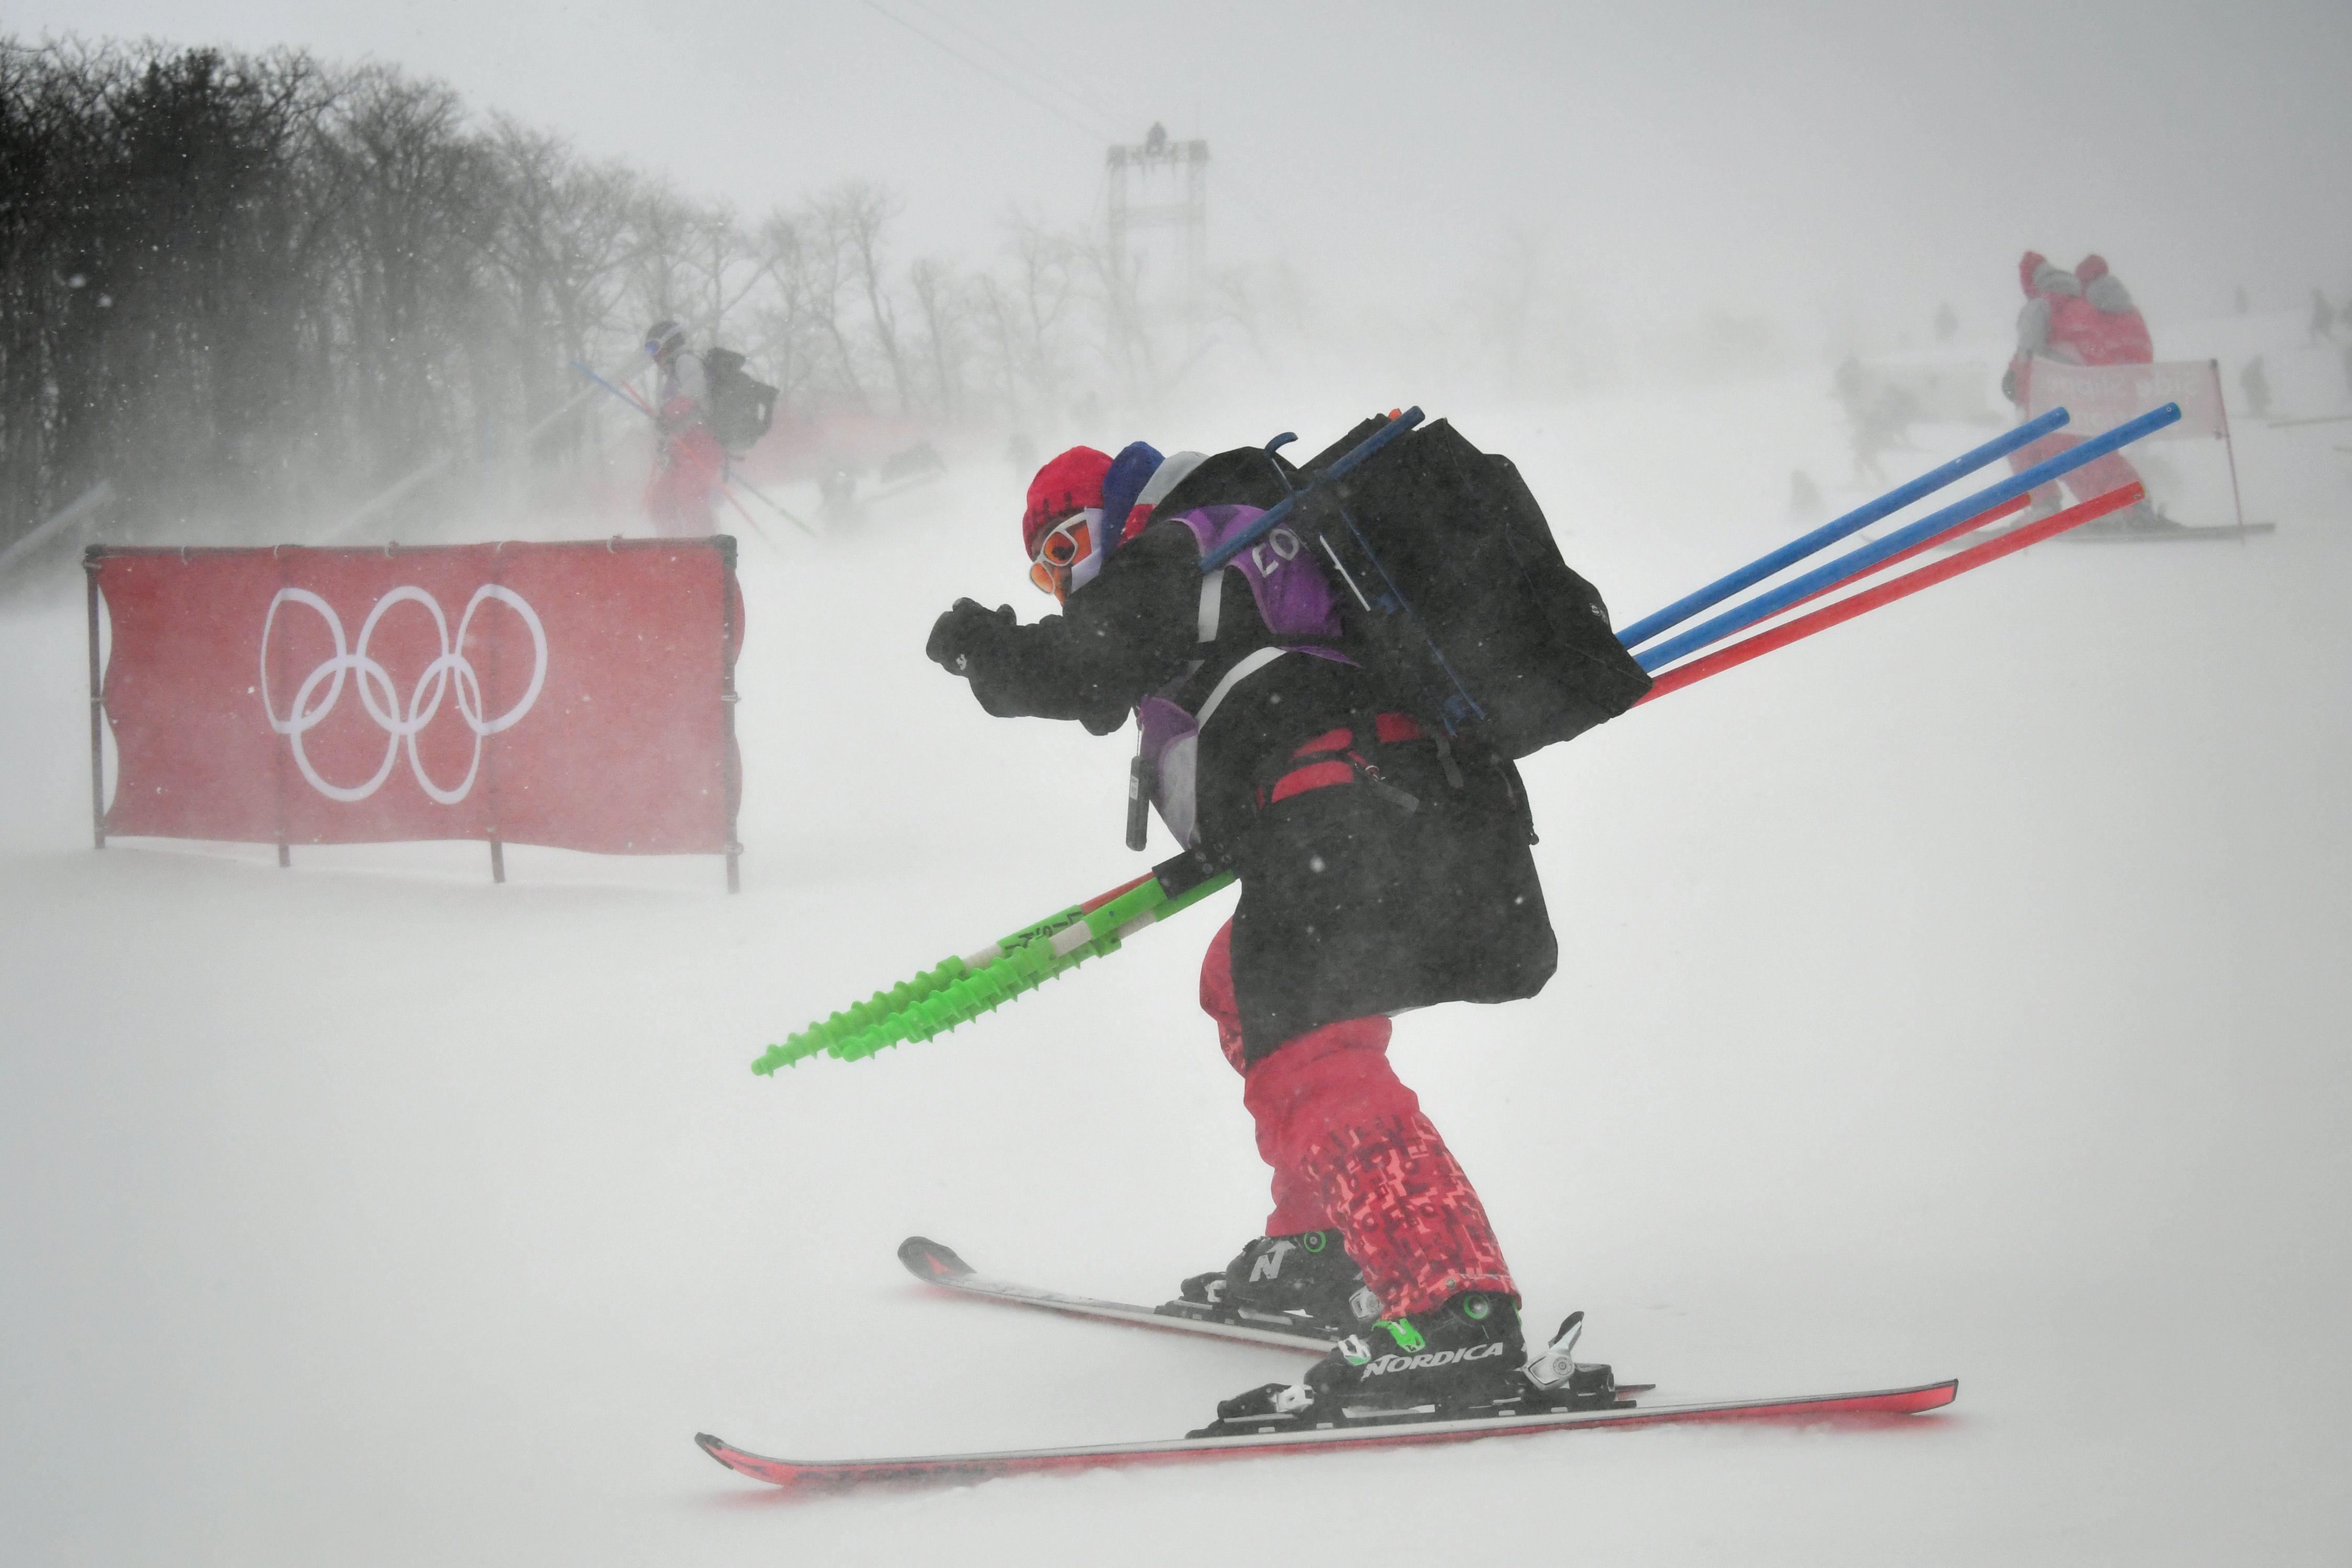 Jeux olympiques - Pyeongchang 2018 - JO 2018 : White, vent, chutes : le résumé de la nuit à Pyeongchang